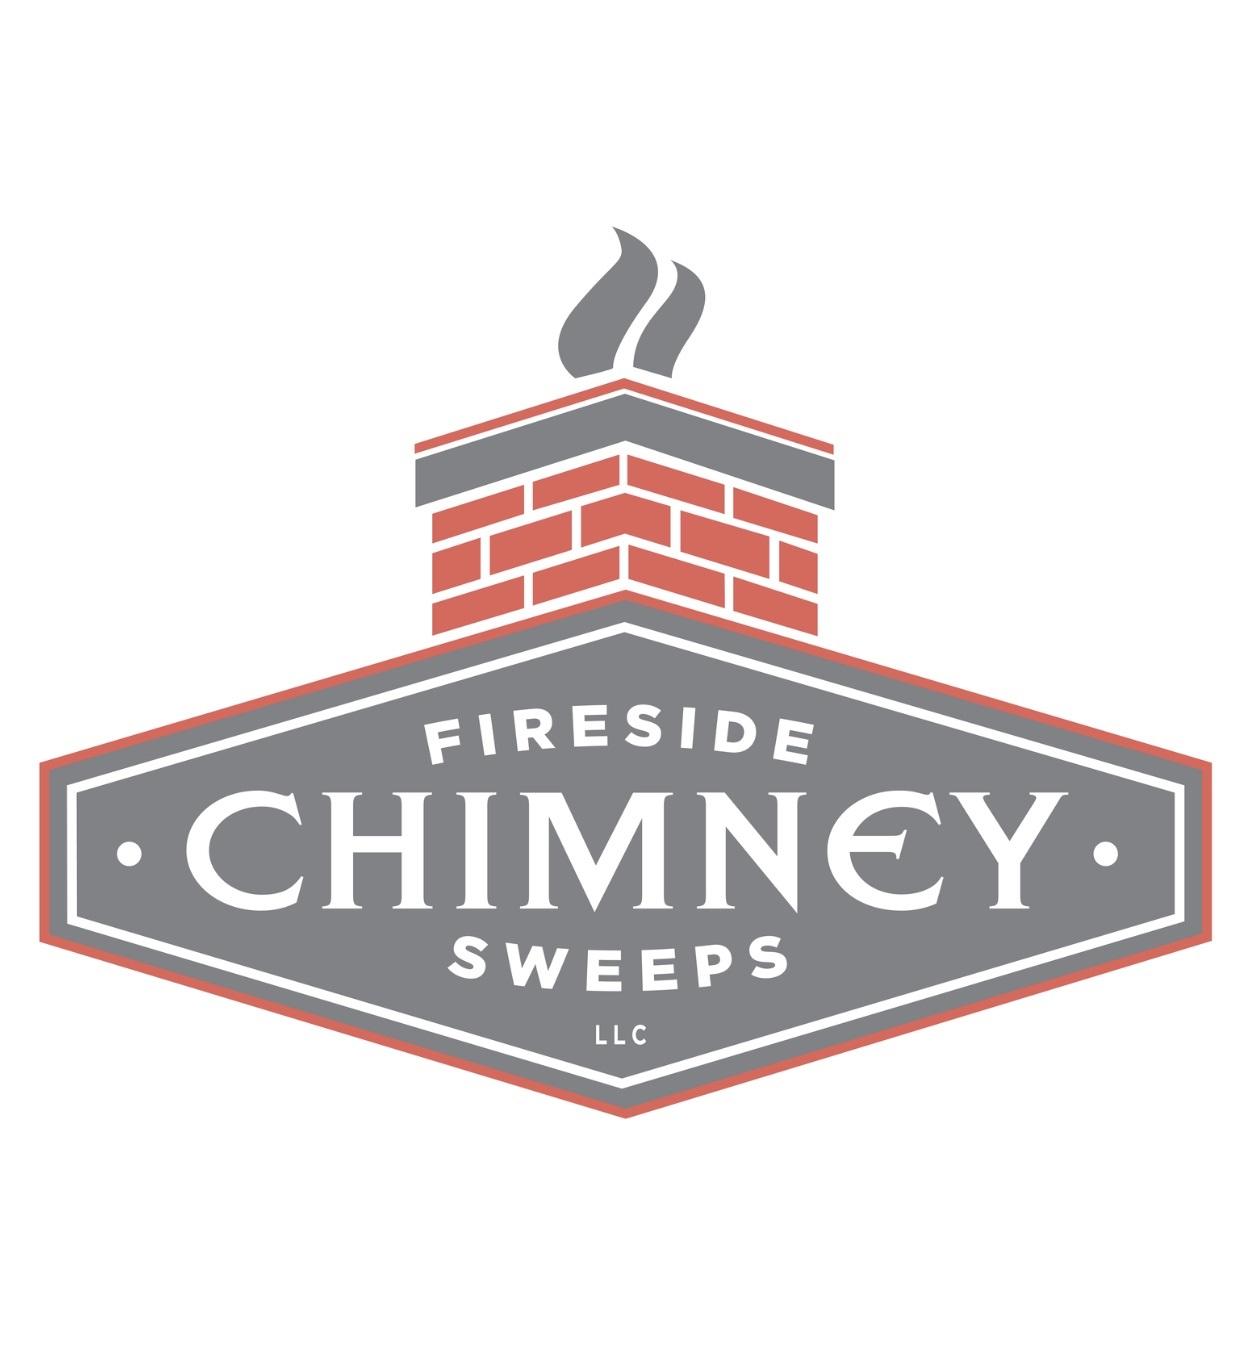 Fireside Chimney Sweeps LLC